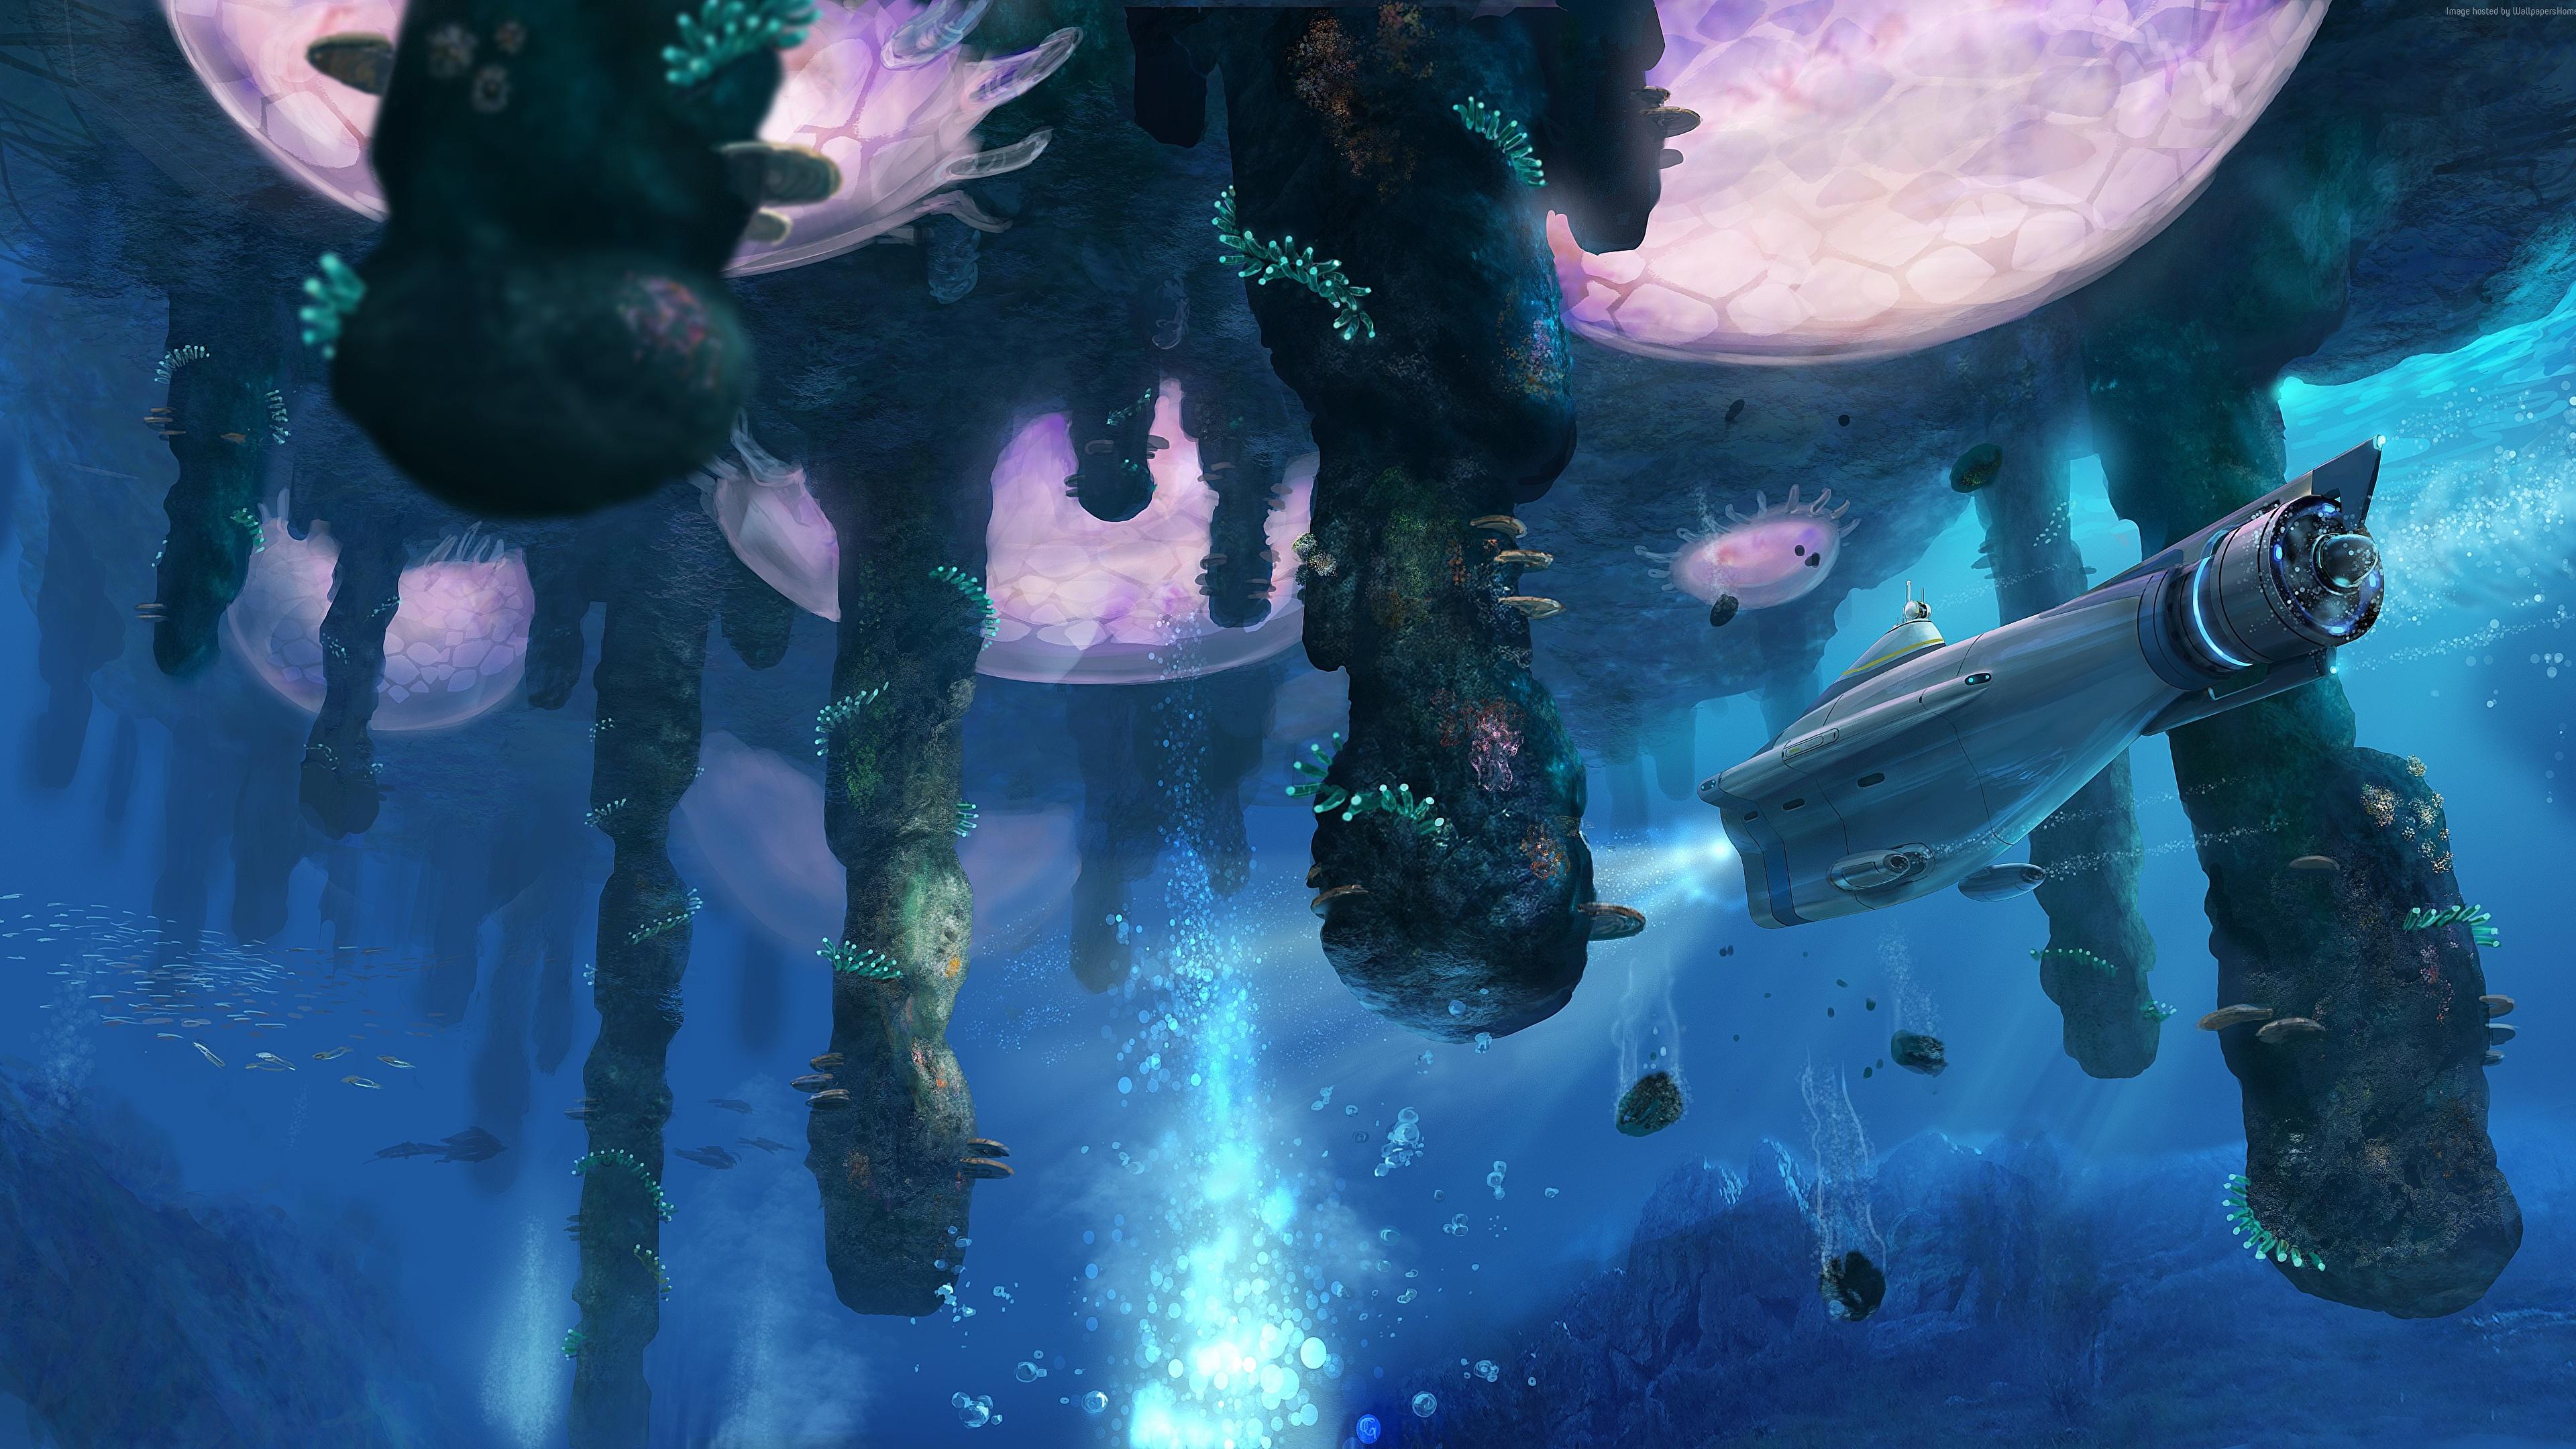 Картинки Подводный мир Подводные лодки Subnautica Фантастика Игры фантастическая техника 3840x2160 Фэнтези компьютерная игра Техника Фэнтези